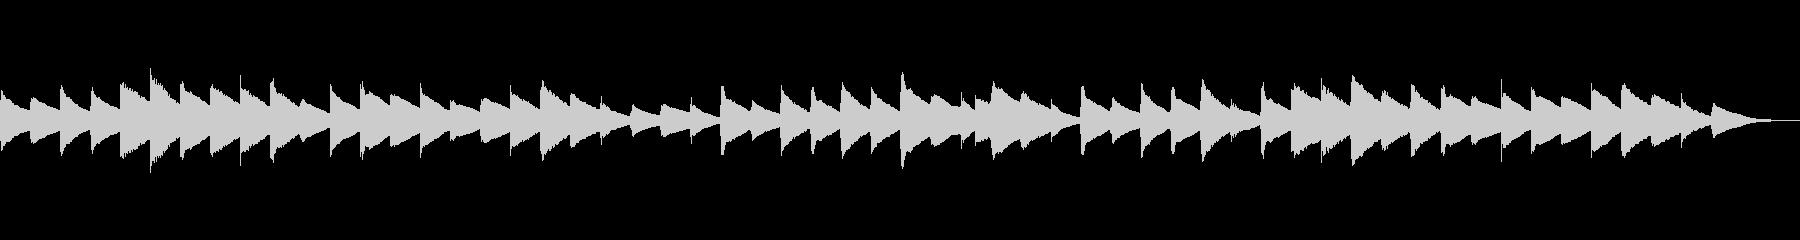 少し切ない癒しのオルゴールメロディの未再生の波形